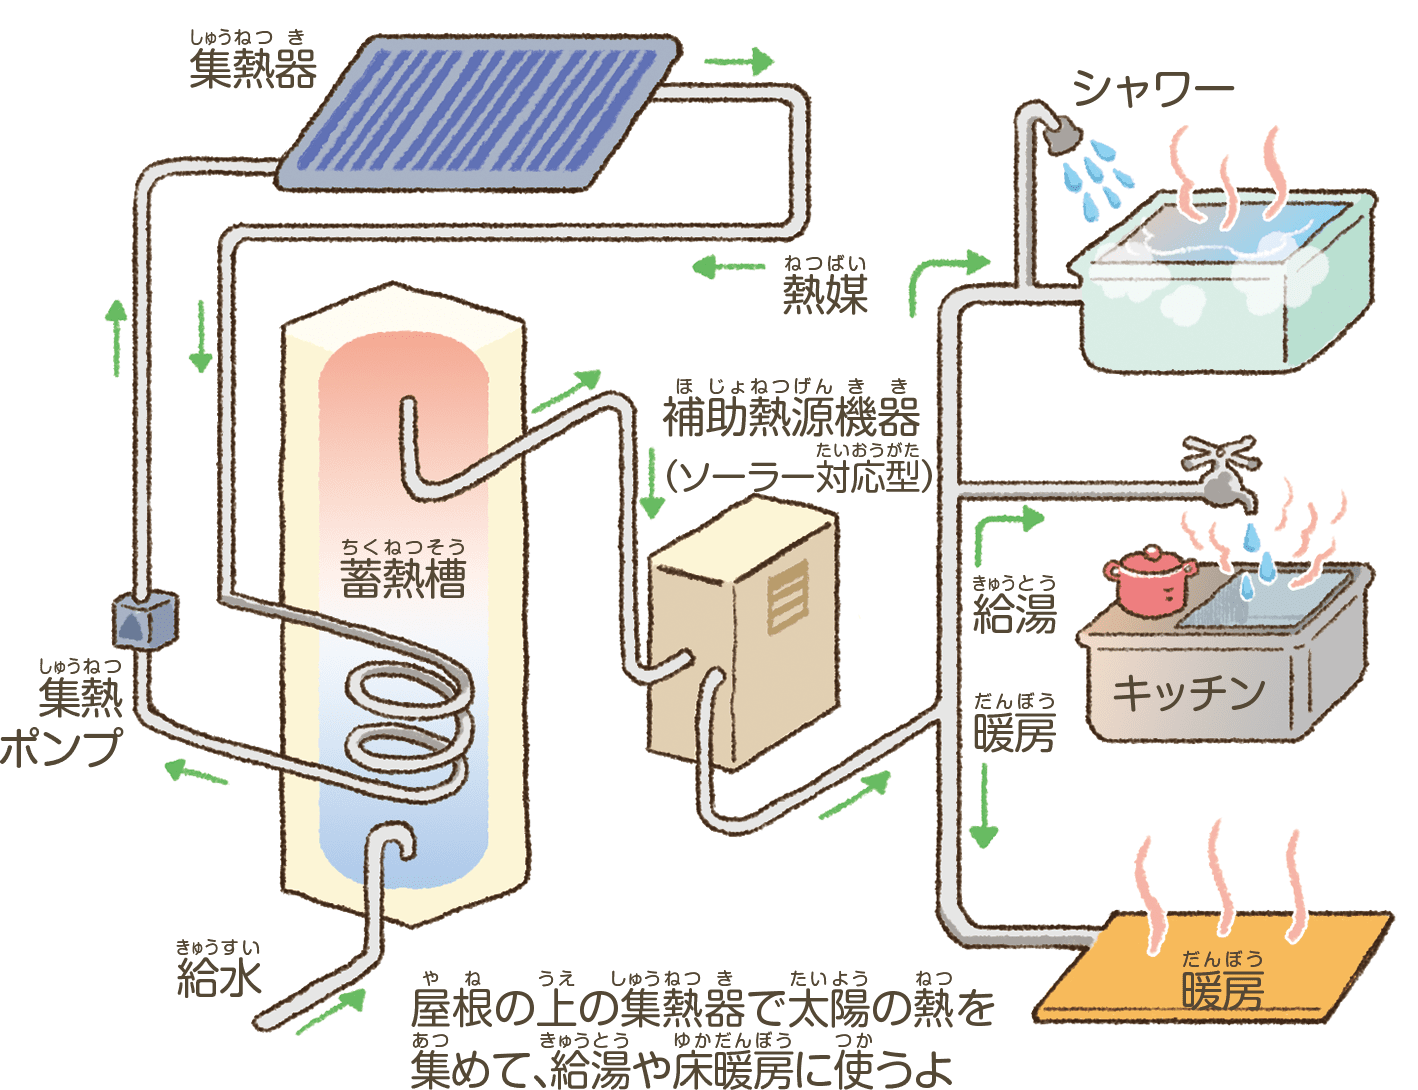 太陽光発電とは違うシステム